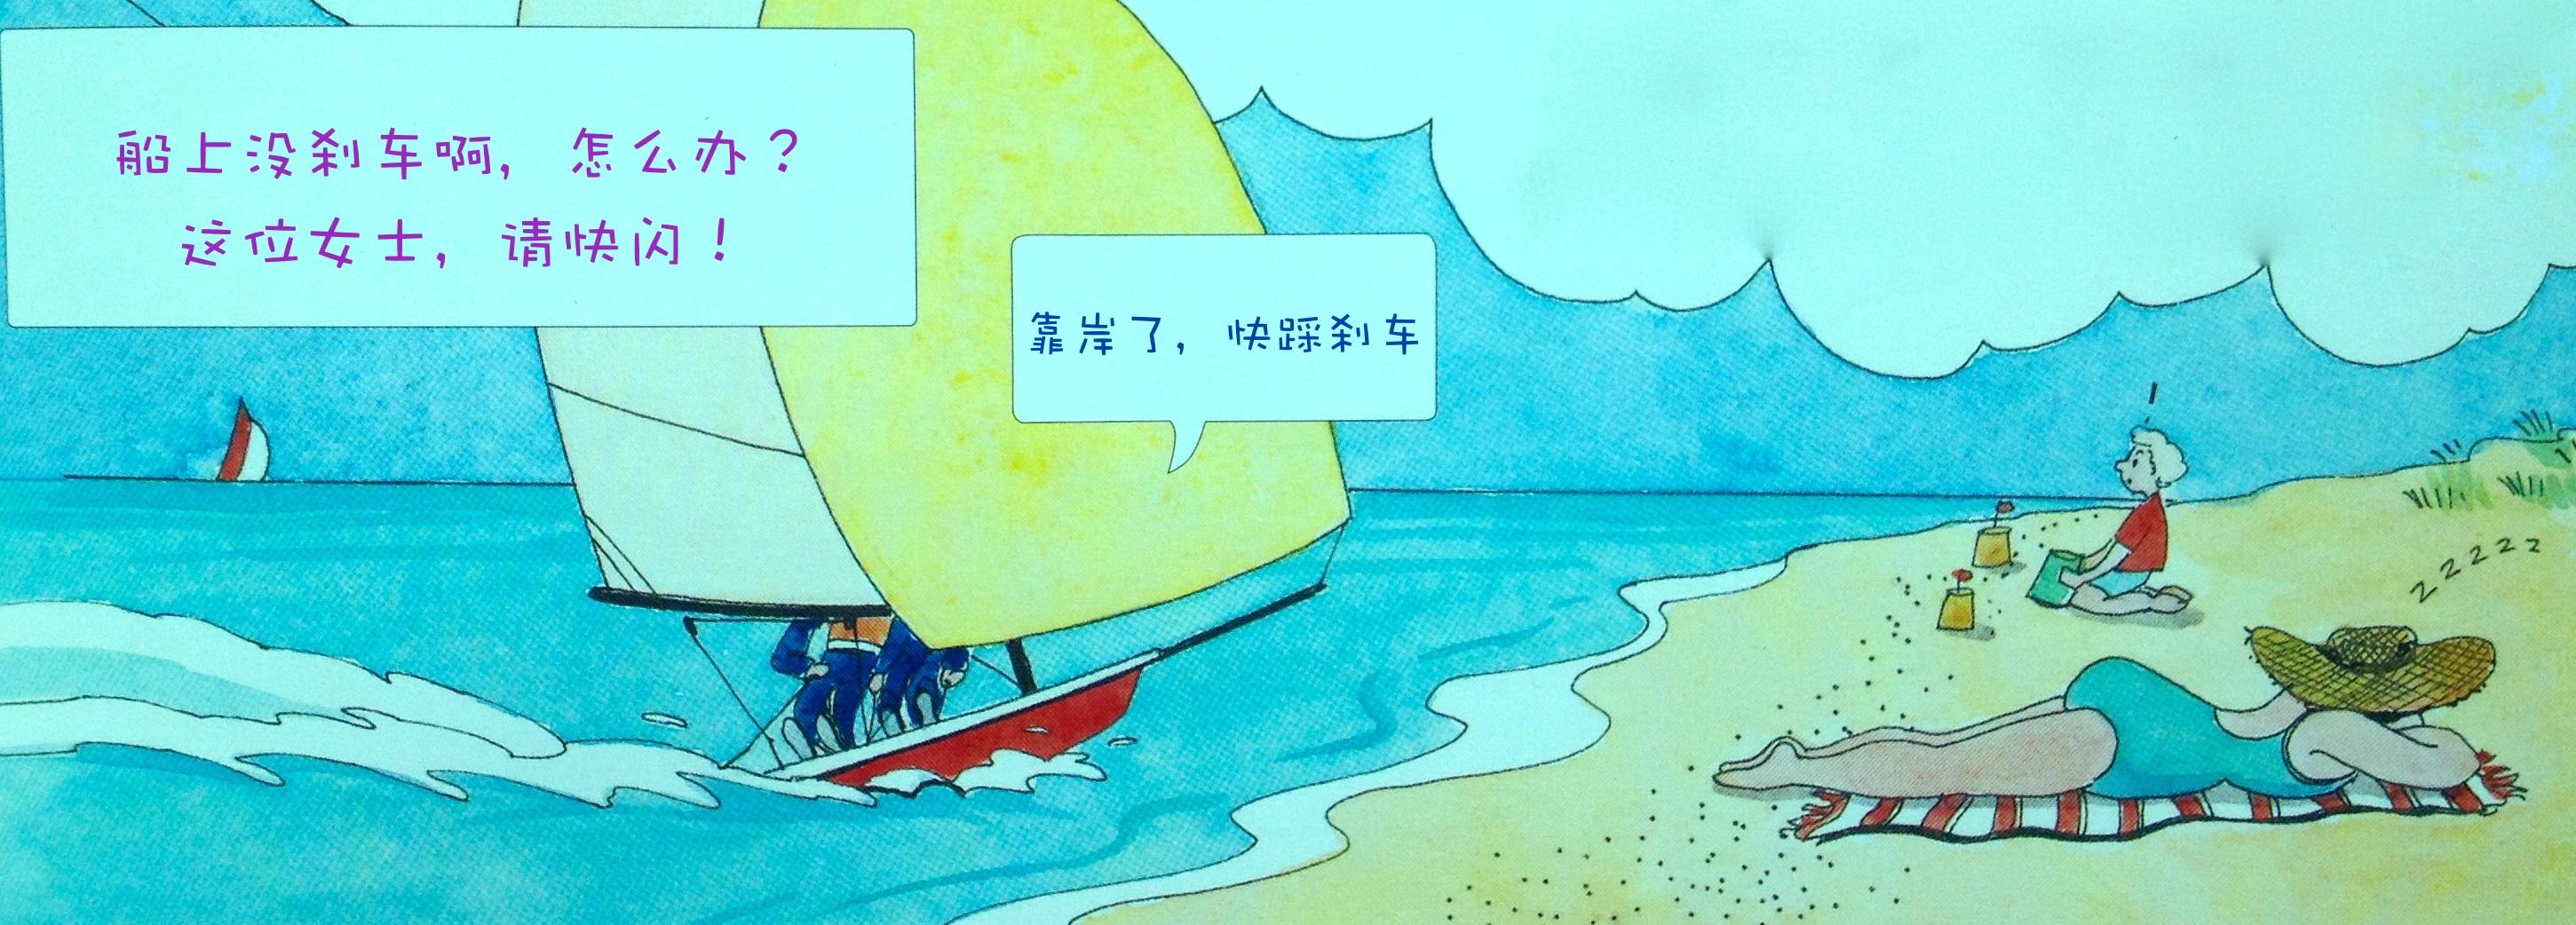 帆船,沙滩,技术 船只上下水:通常帆船可以从沙滩、浮动泊位、水泥地斜坡到出海和靠岸。 18a进出沙滩码头.jpg